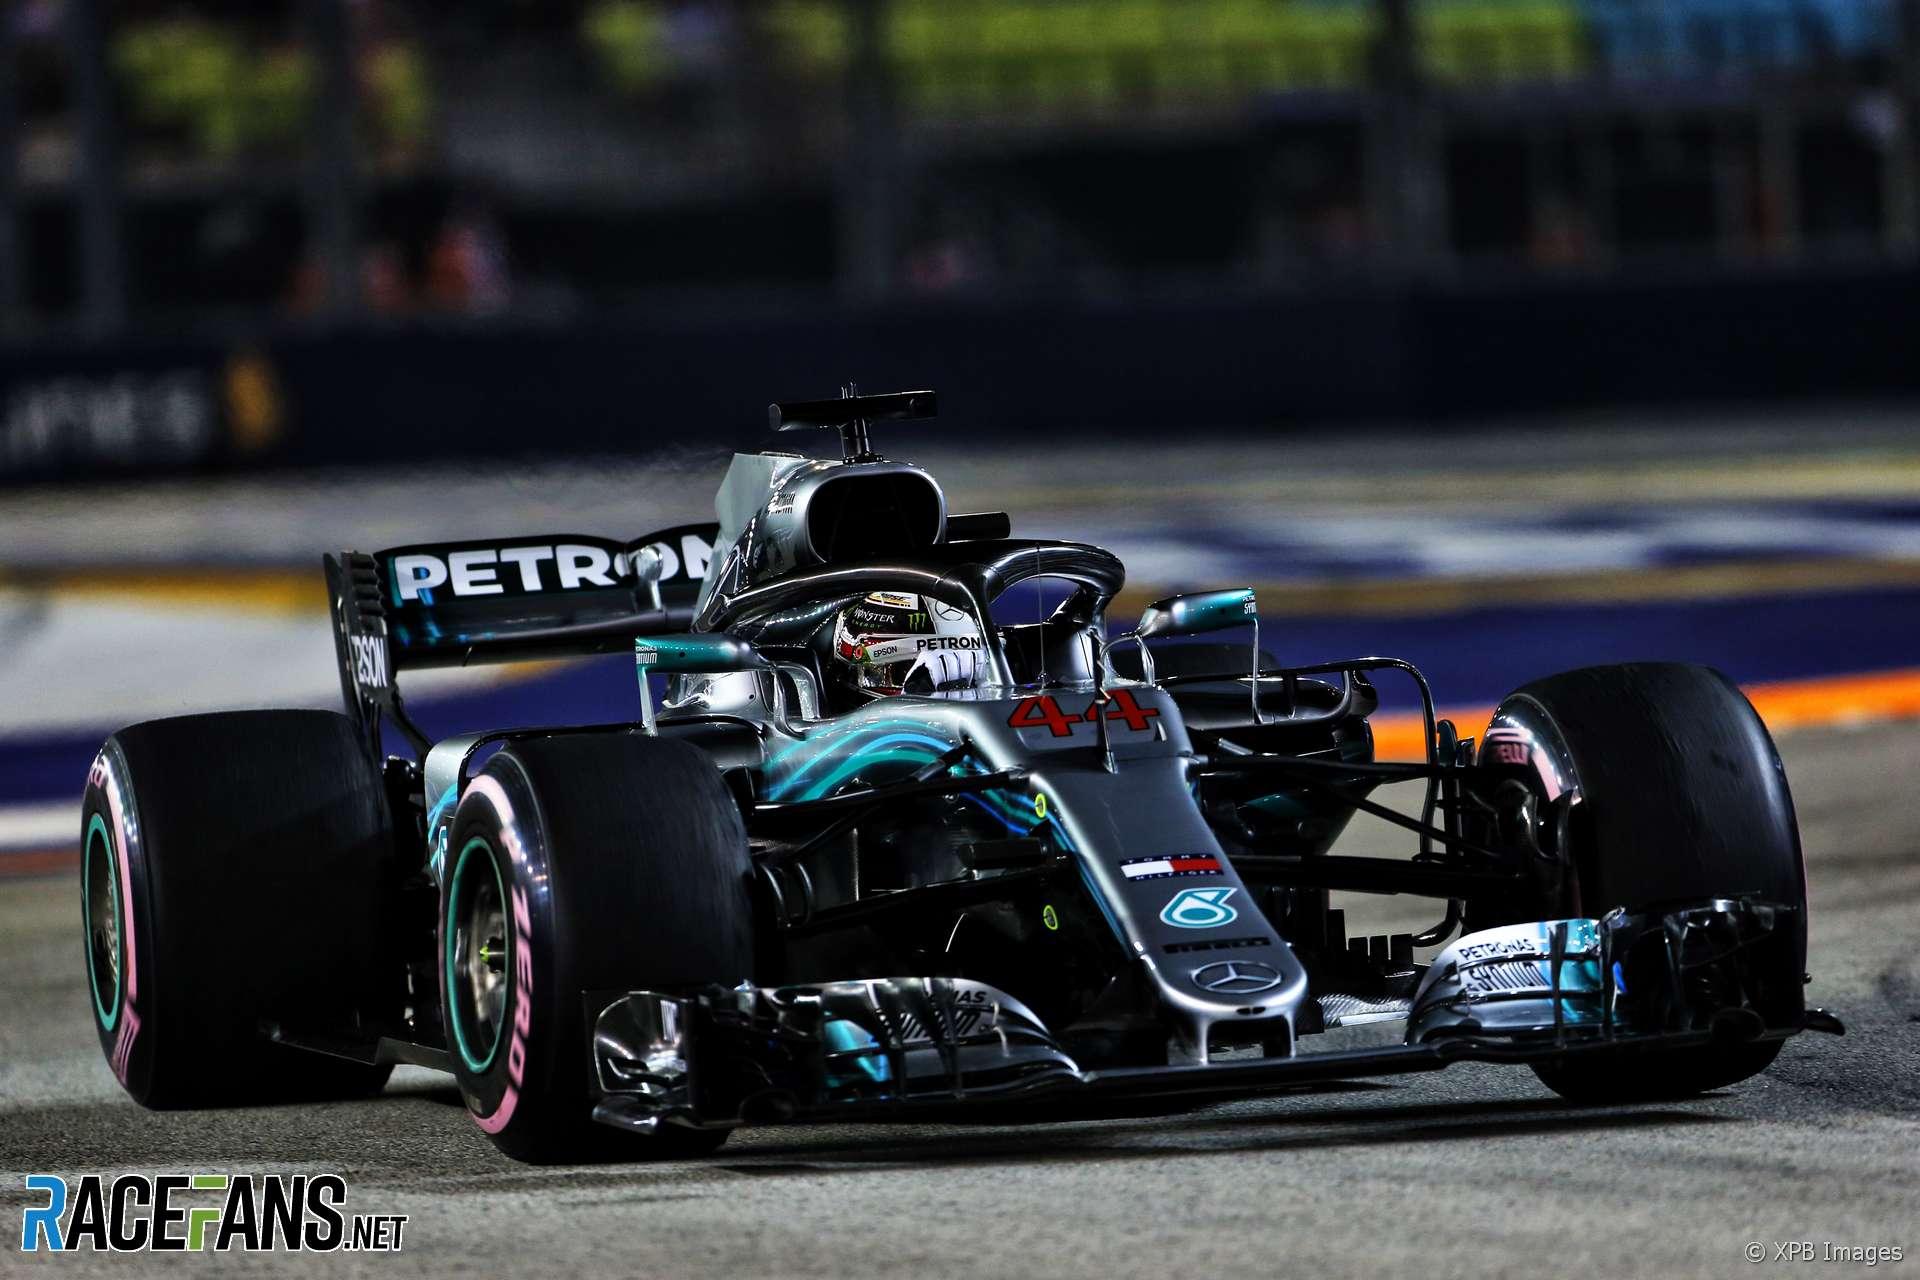 2018 Singapore Grand Prix Grid Racefans